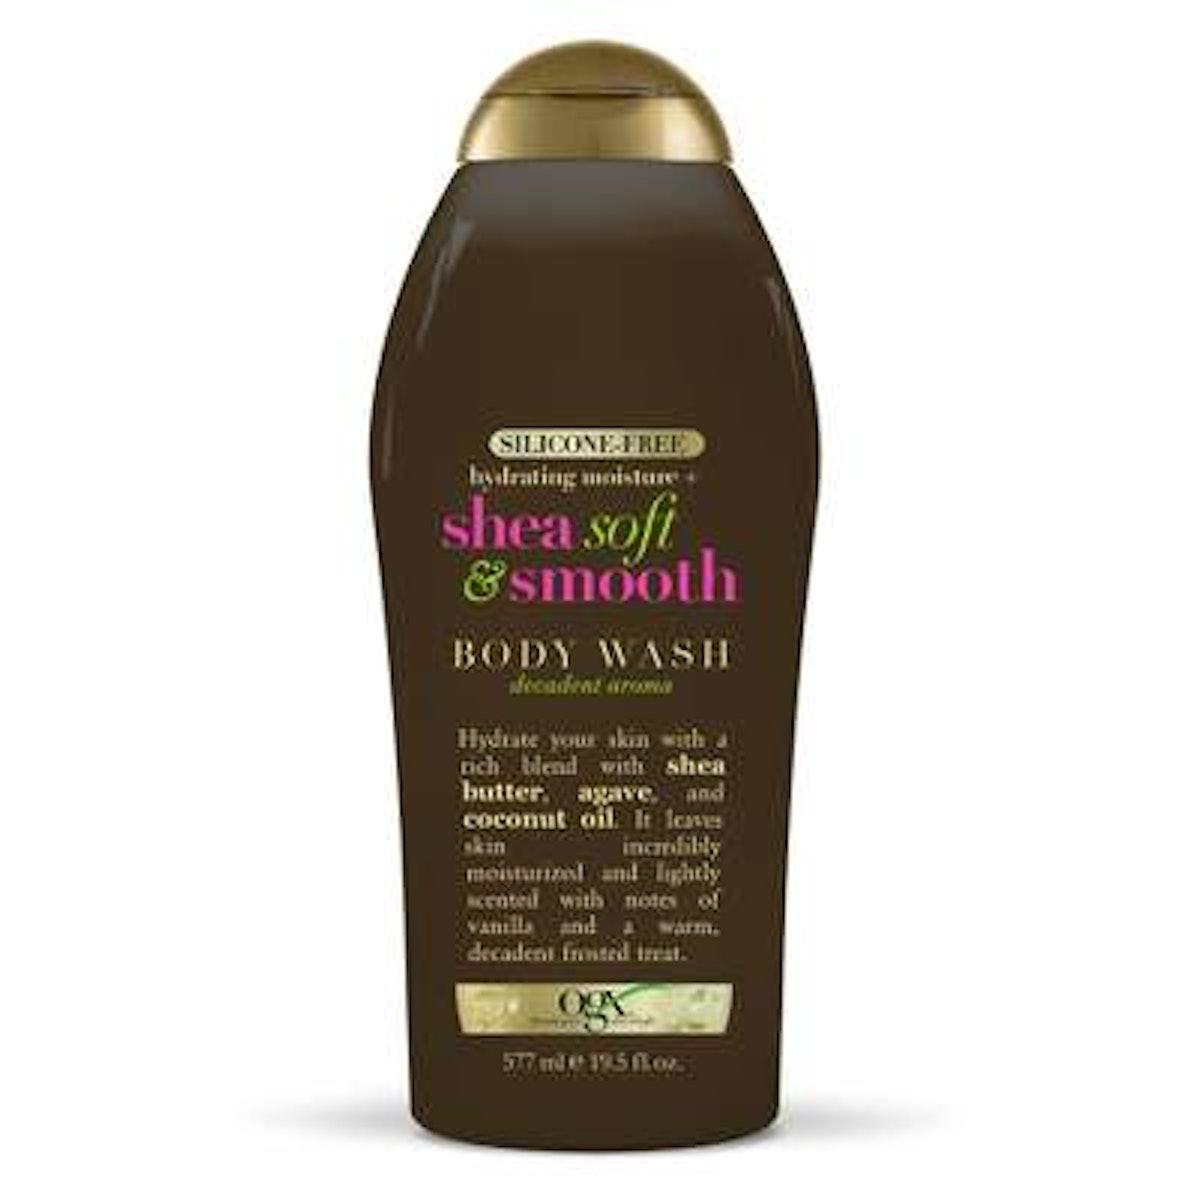 OGX Shea Soft & Smooth Body Wash